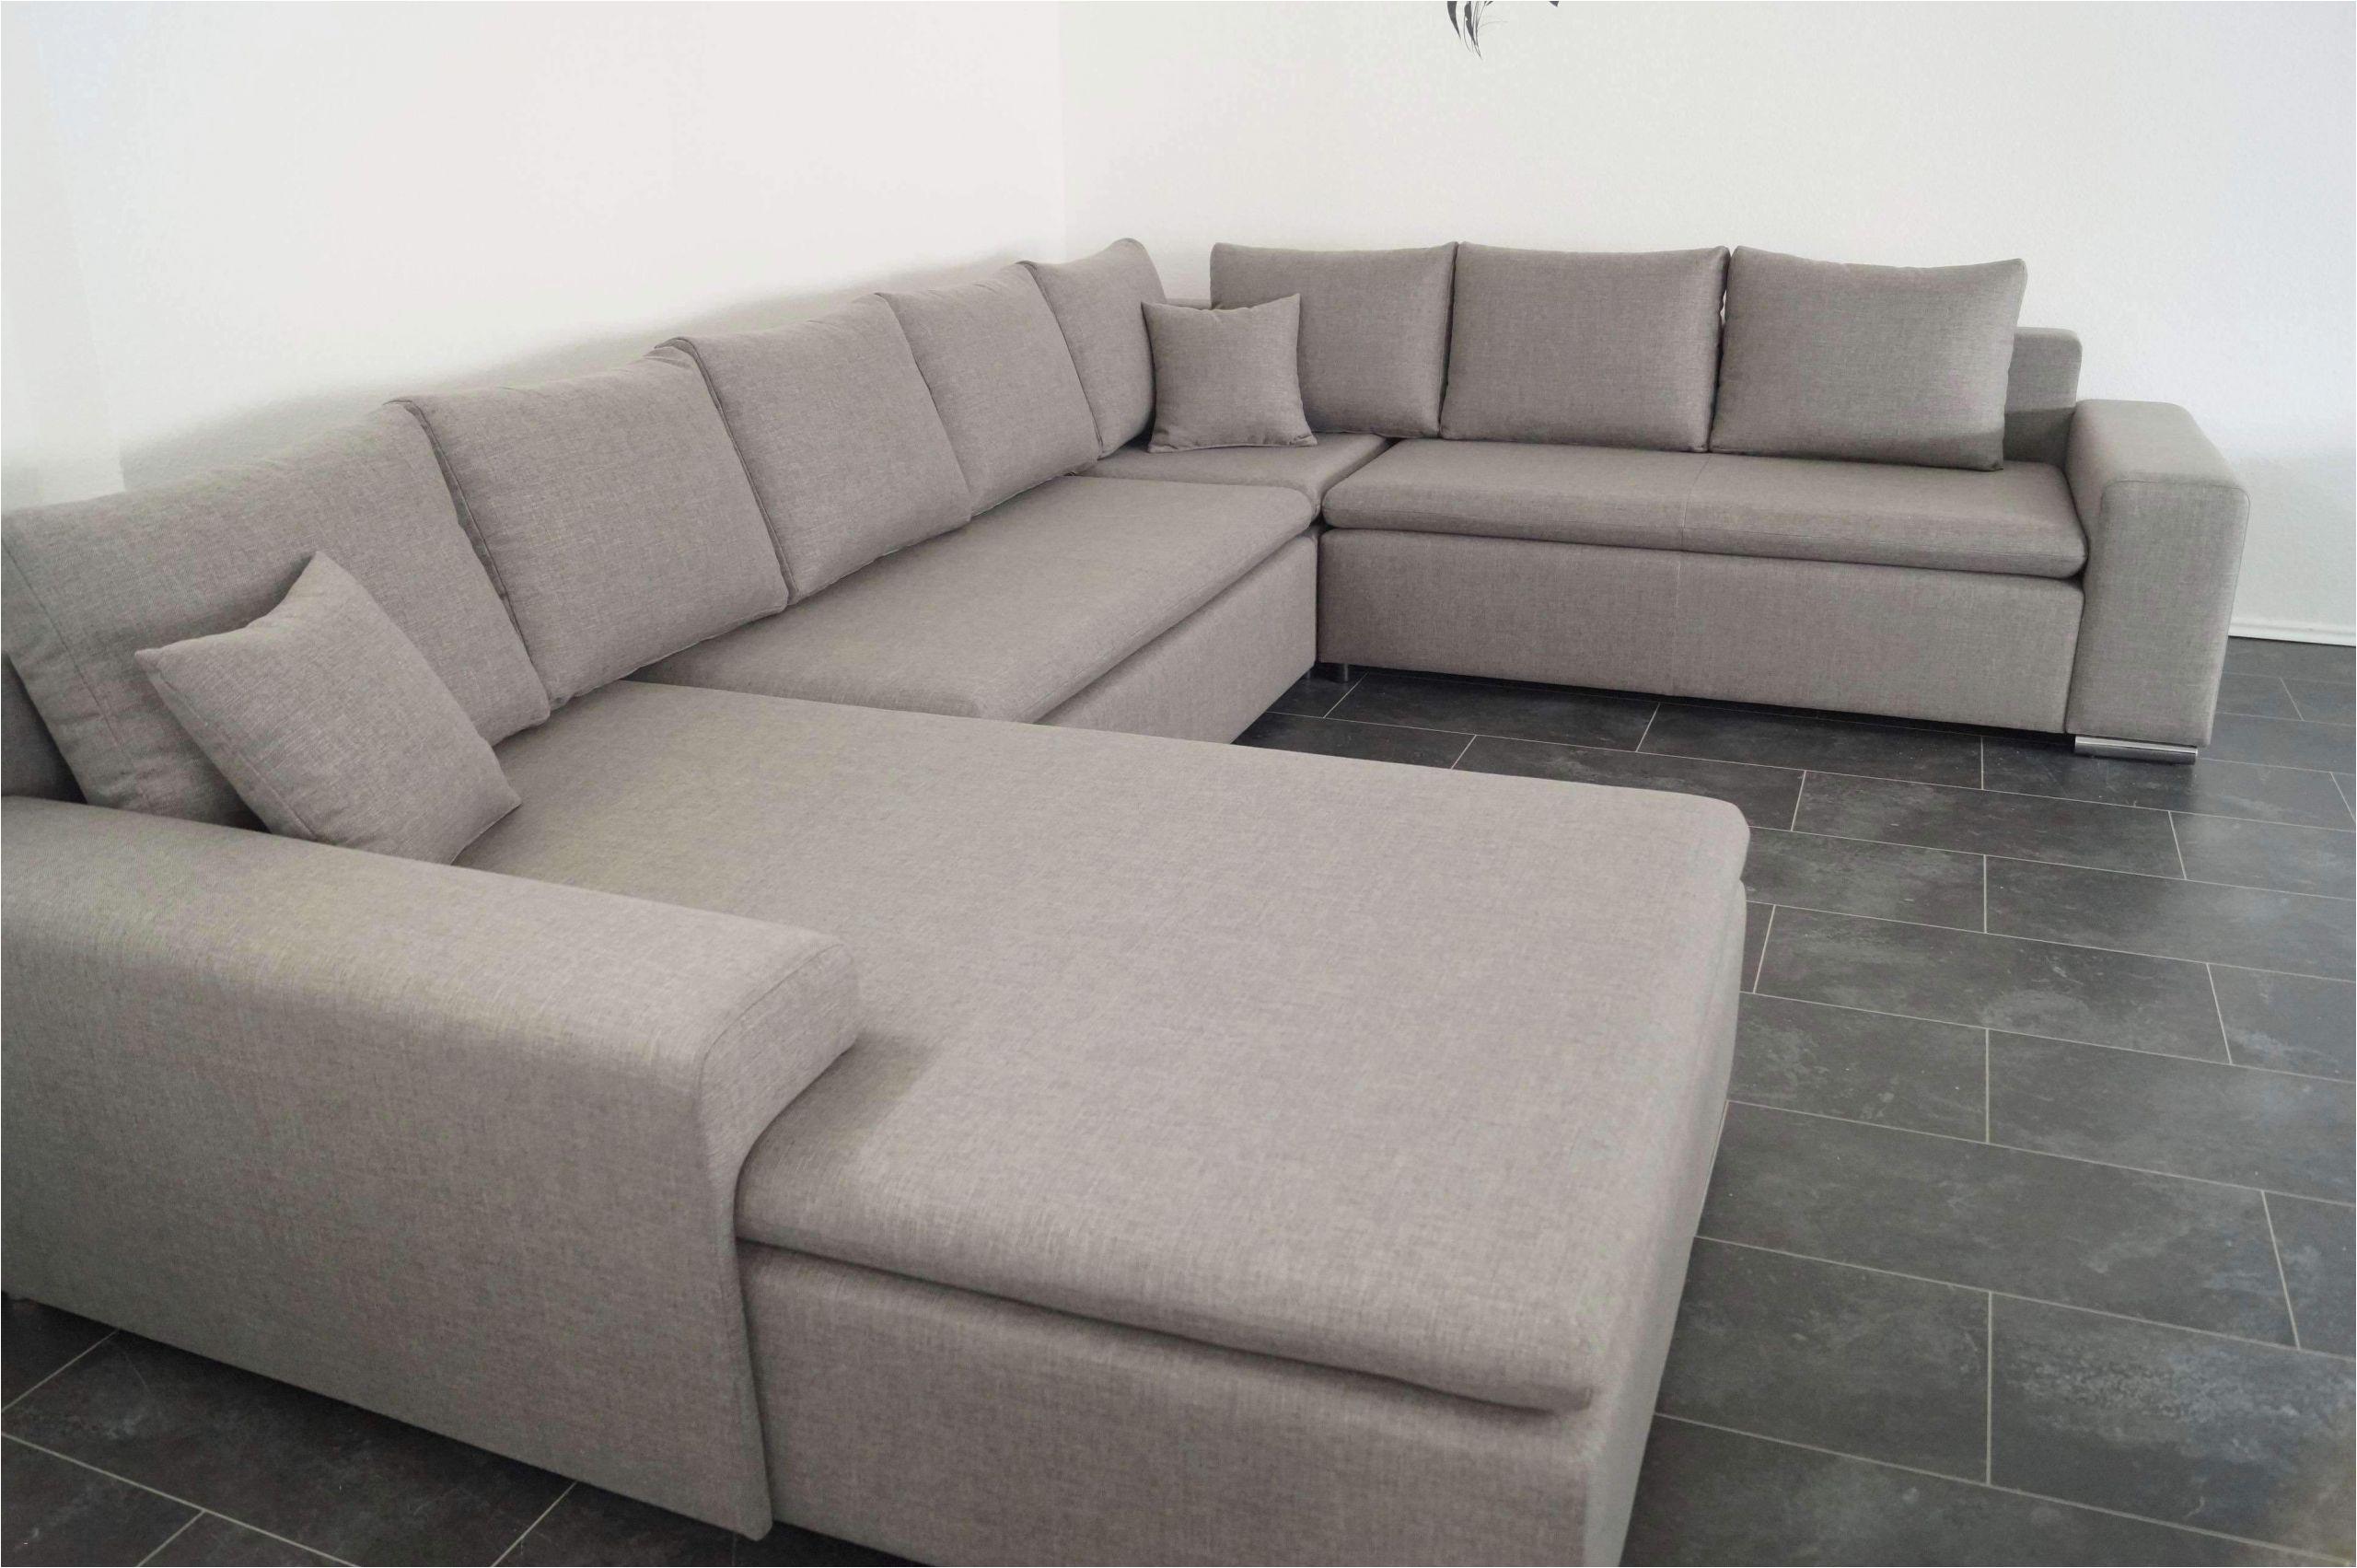 wohnzimmer sofas inspirierend wohnzimmer sofas konzept frisch se jahre of wohnzimmer sofas scaled